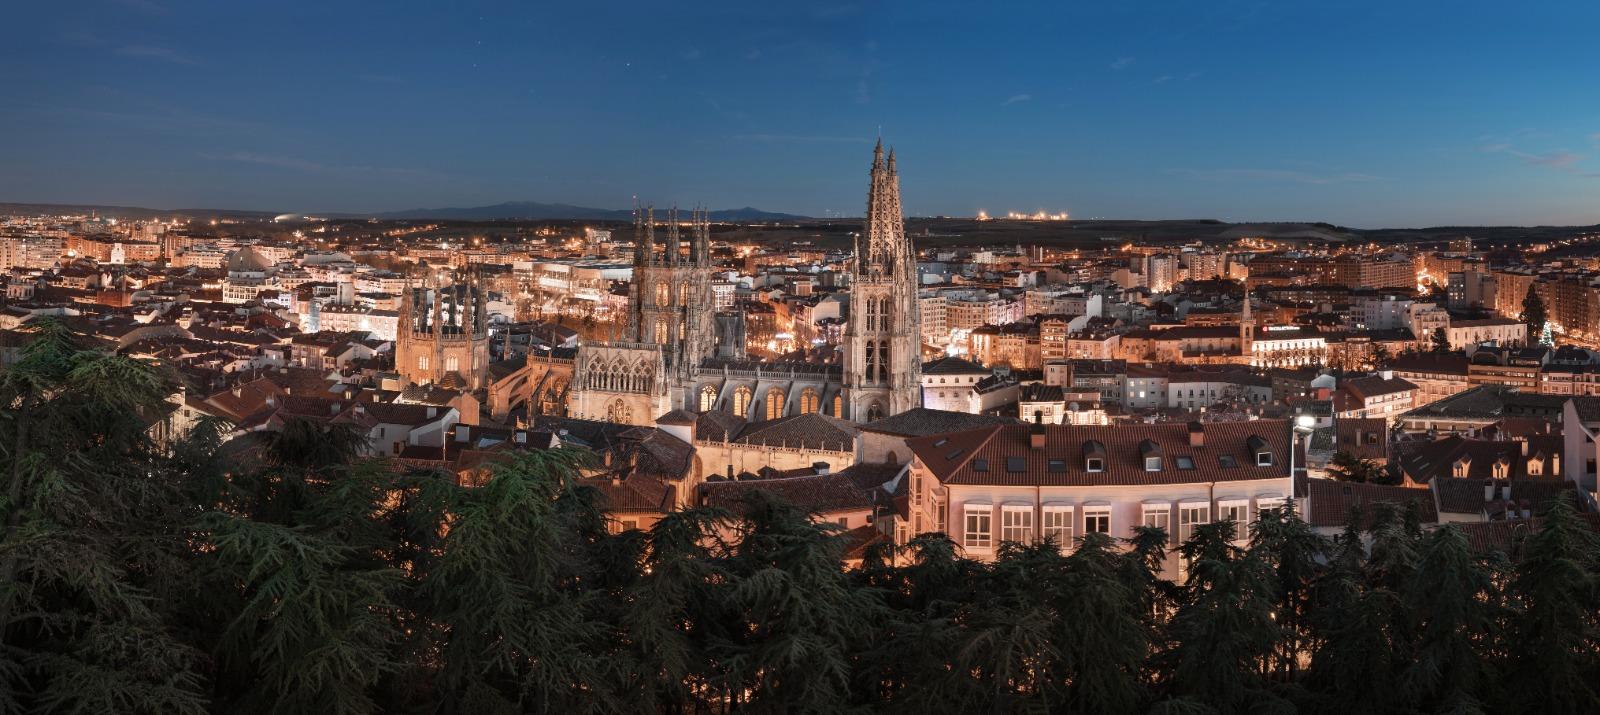 Patrimonio de la humanidad Burgos